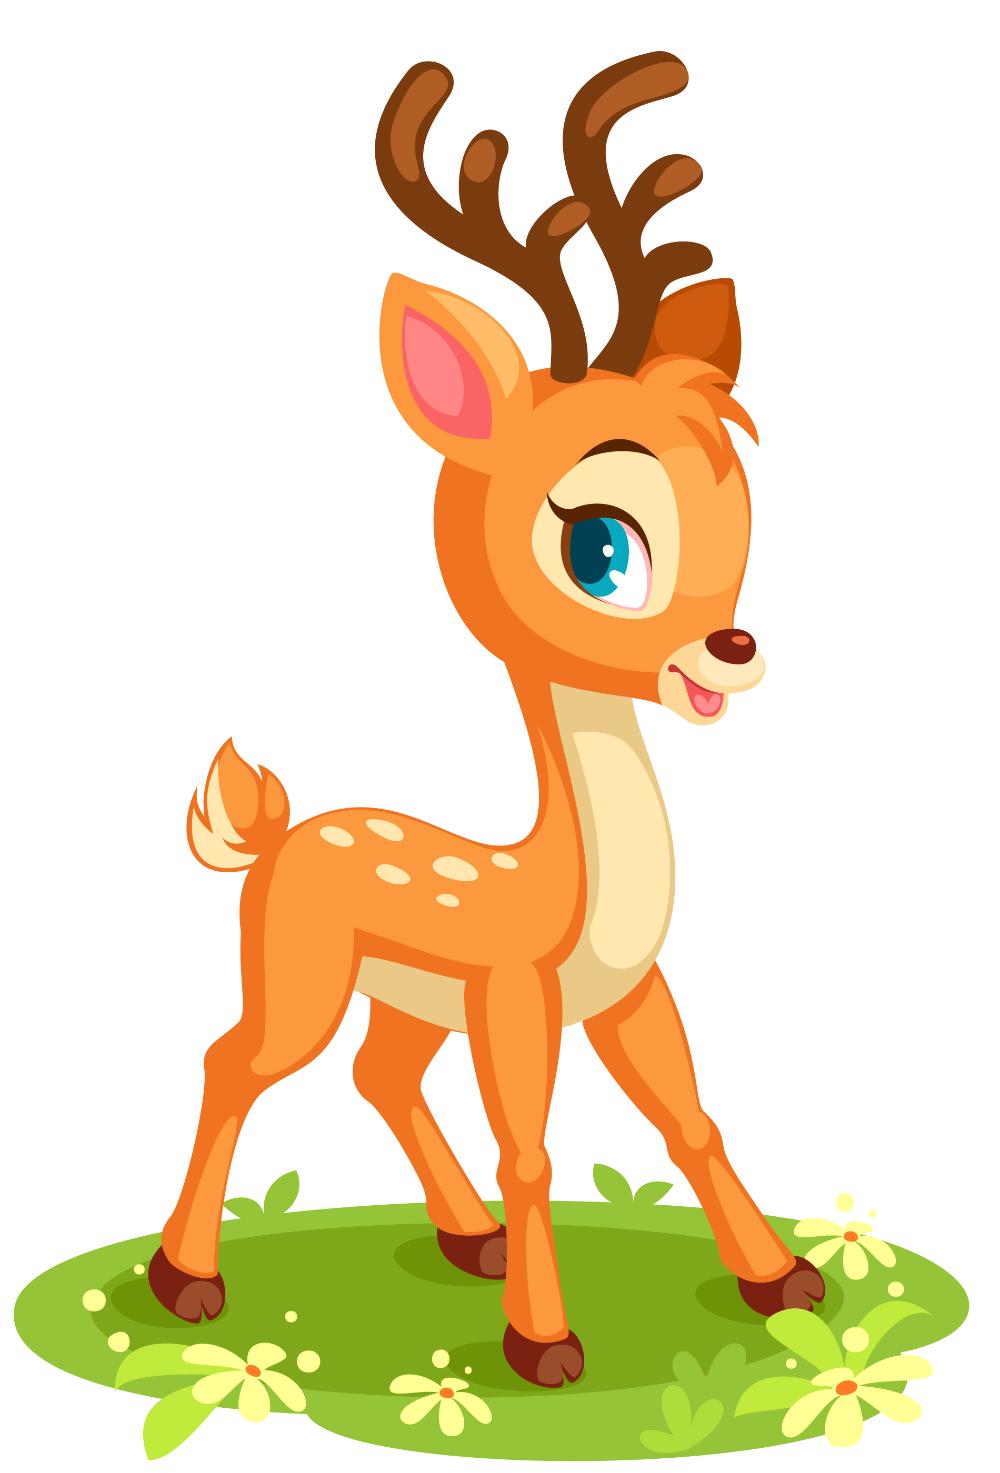 Baby Deer Cartoon Google Search Baby Deer Cute Babies Clip Art